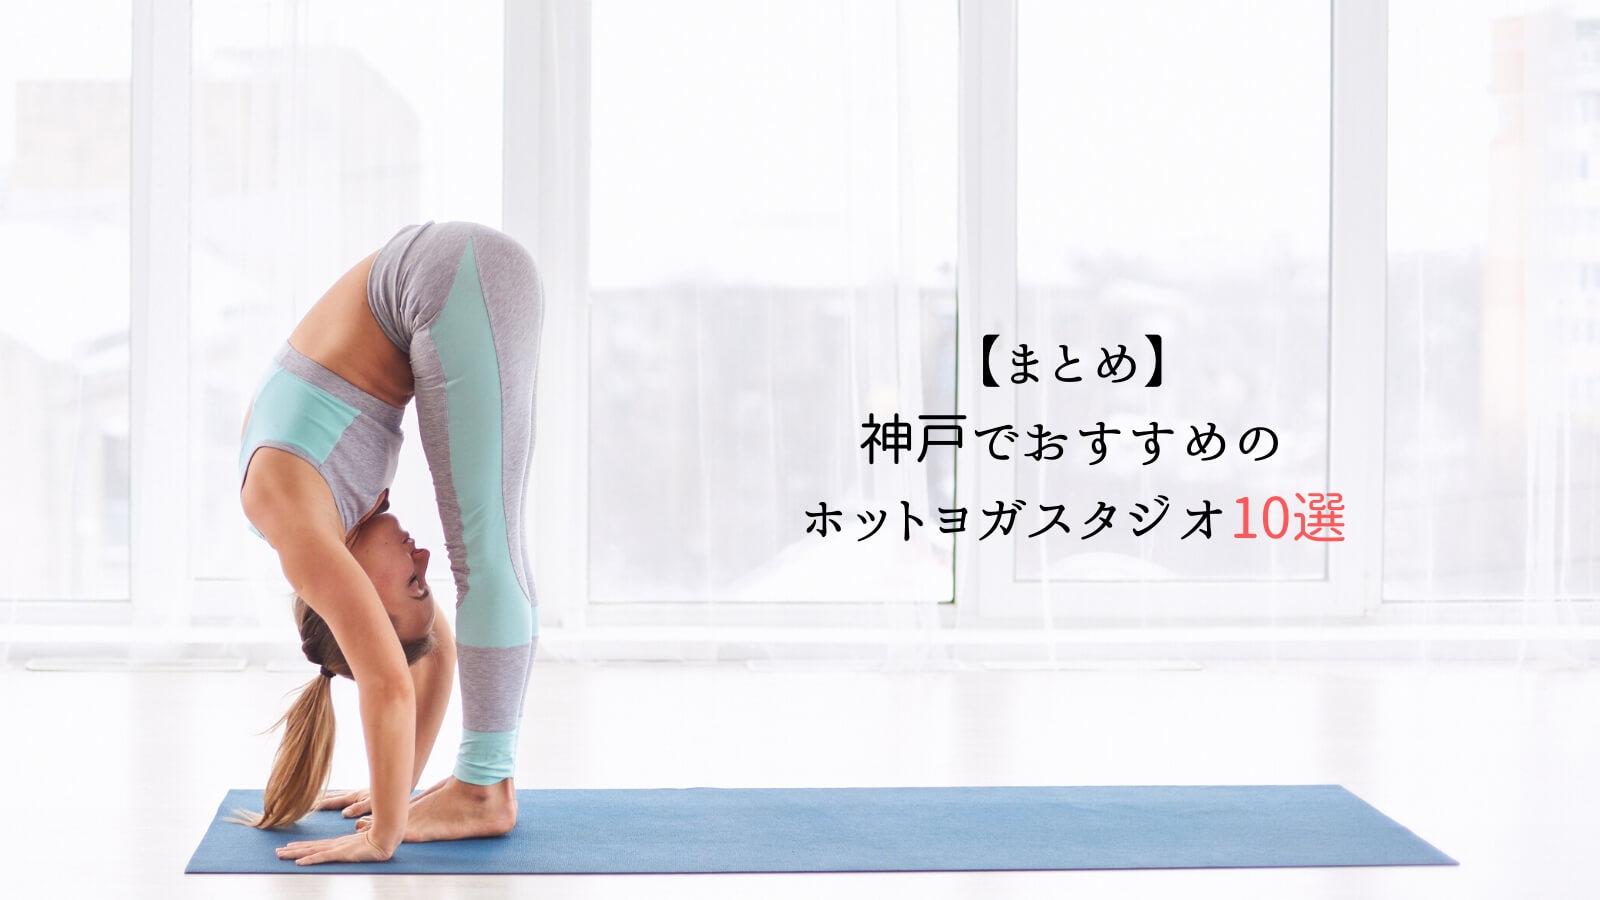 【まとめ】神戸でおすすめのホットヨガスタジオ10選